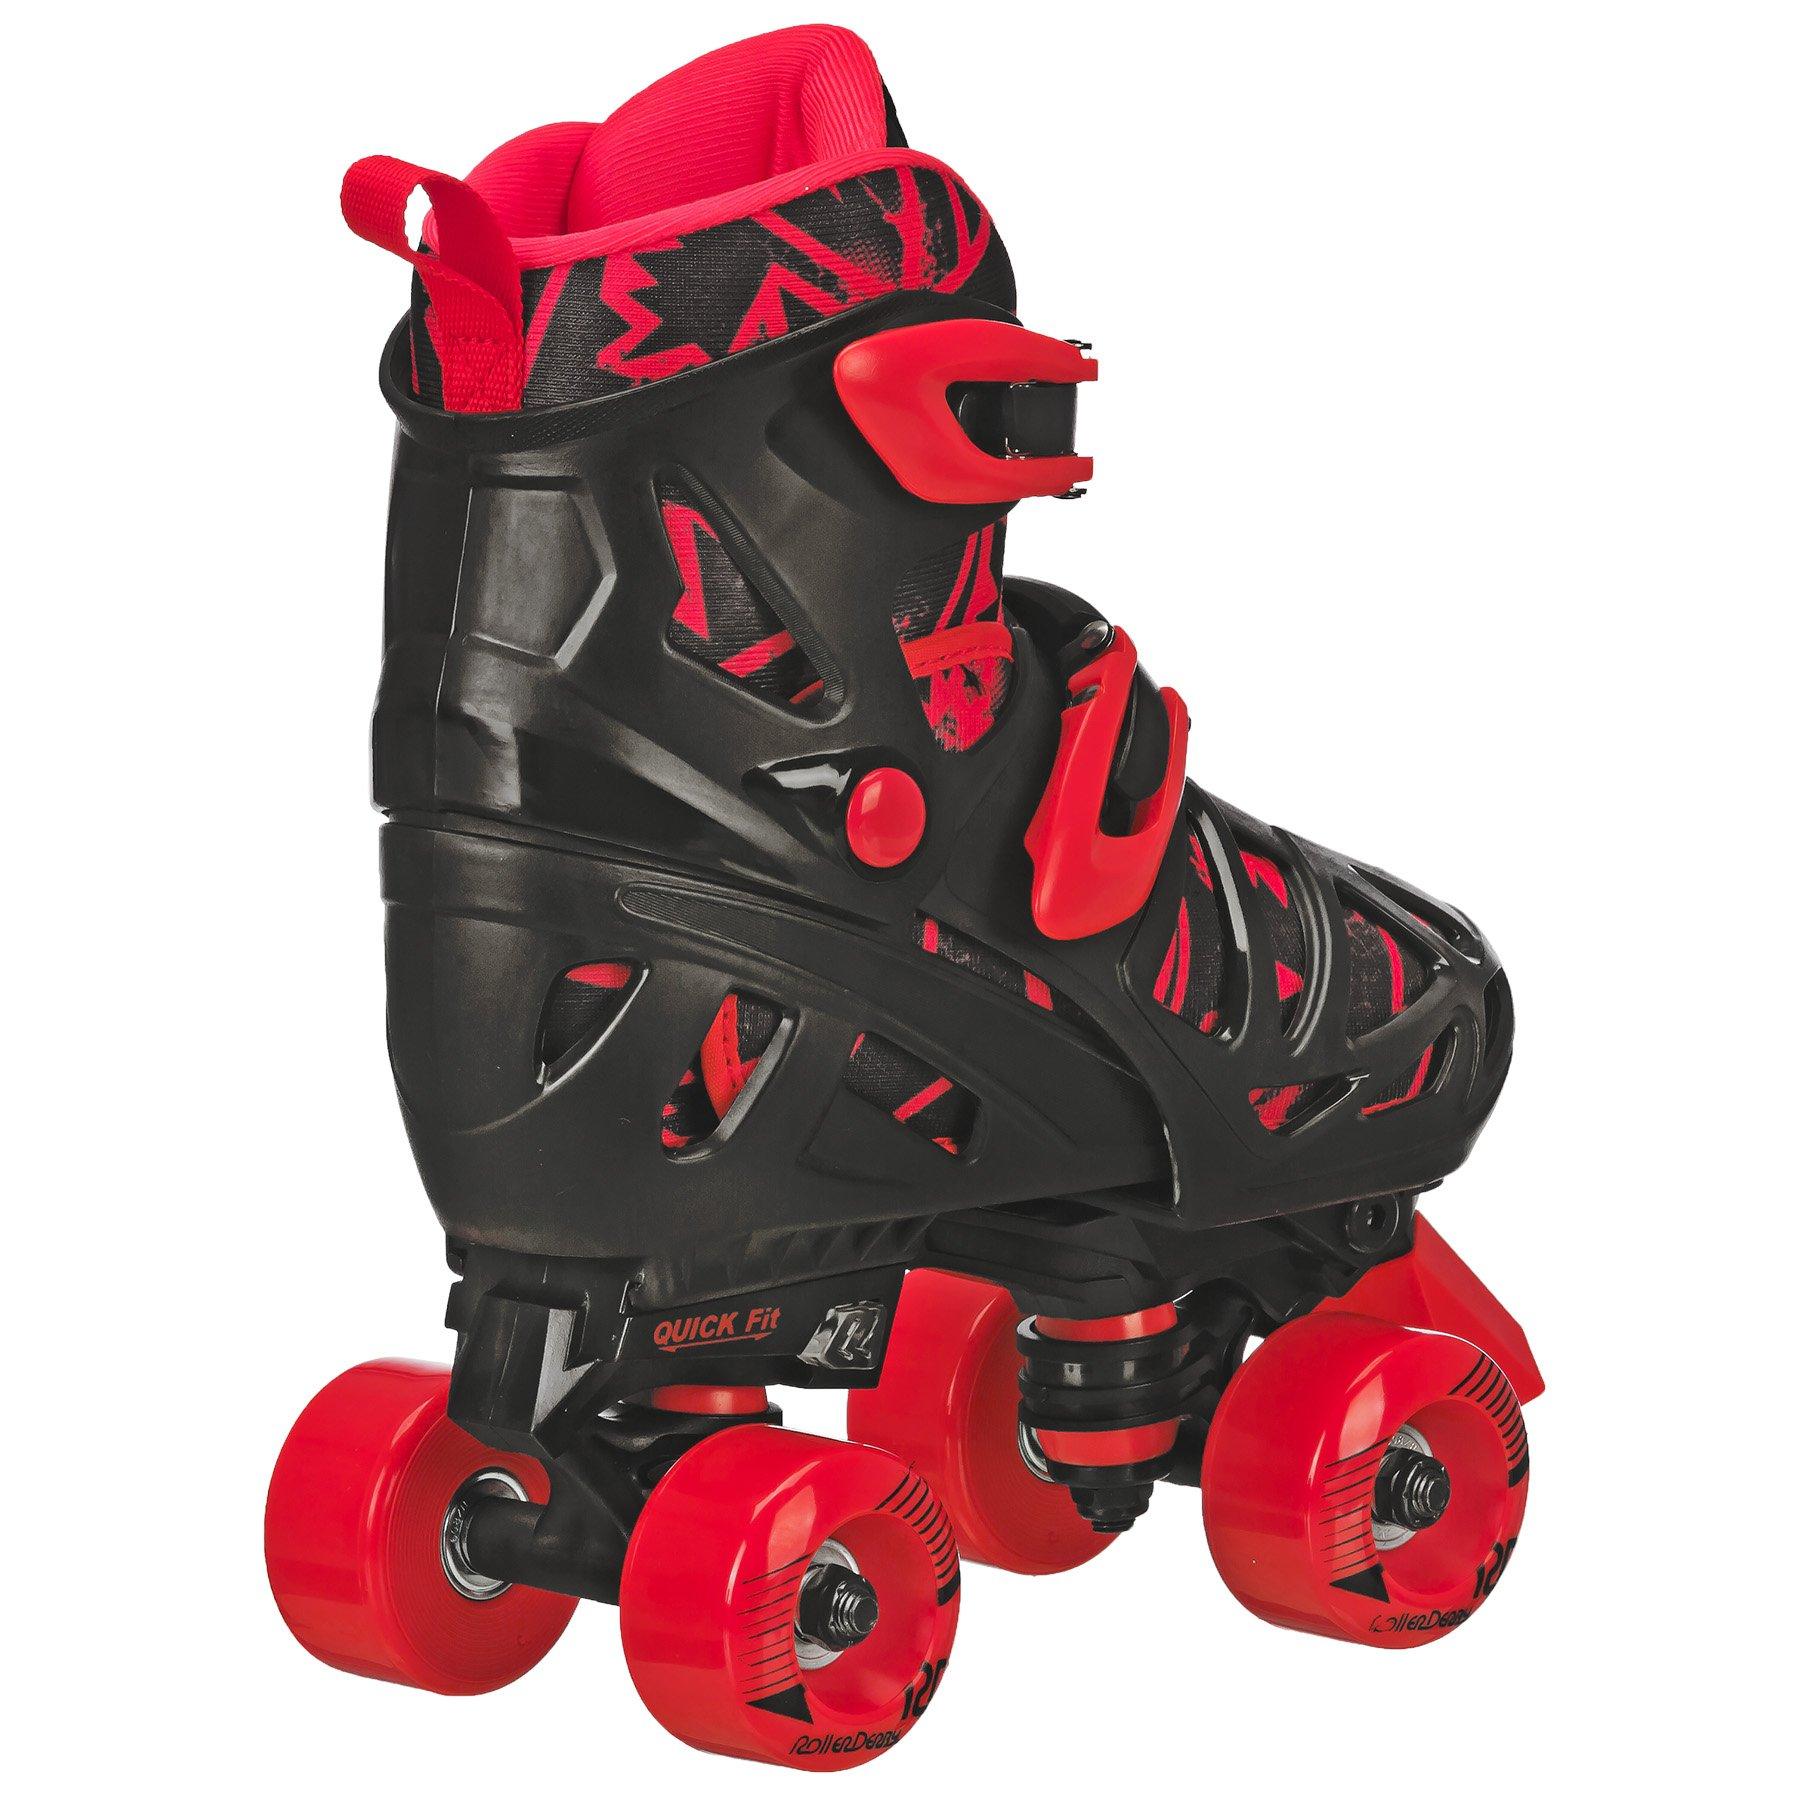 Roller Derby Trac Star Boy's Adjustable Roller Skate, Grey/Black/Red, Large (3-6) by Roller Derby (Image #7)